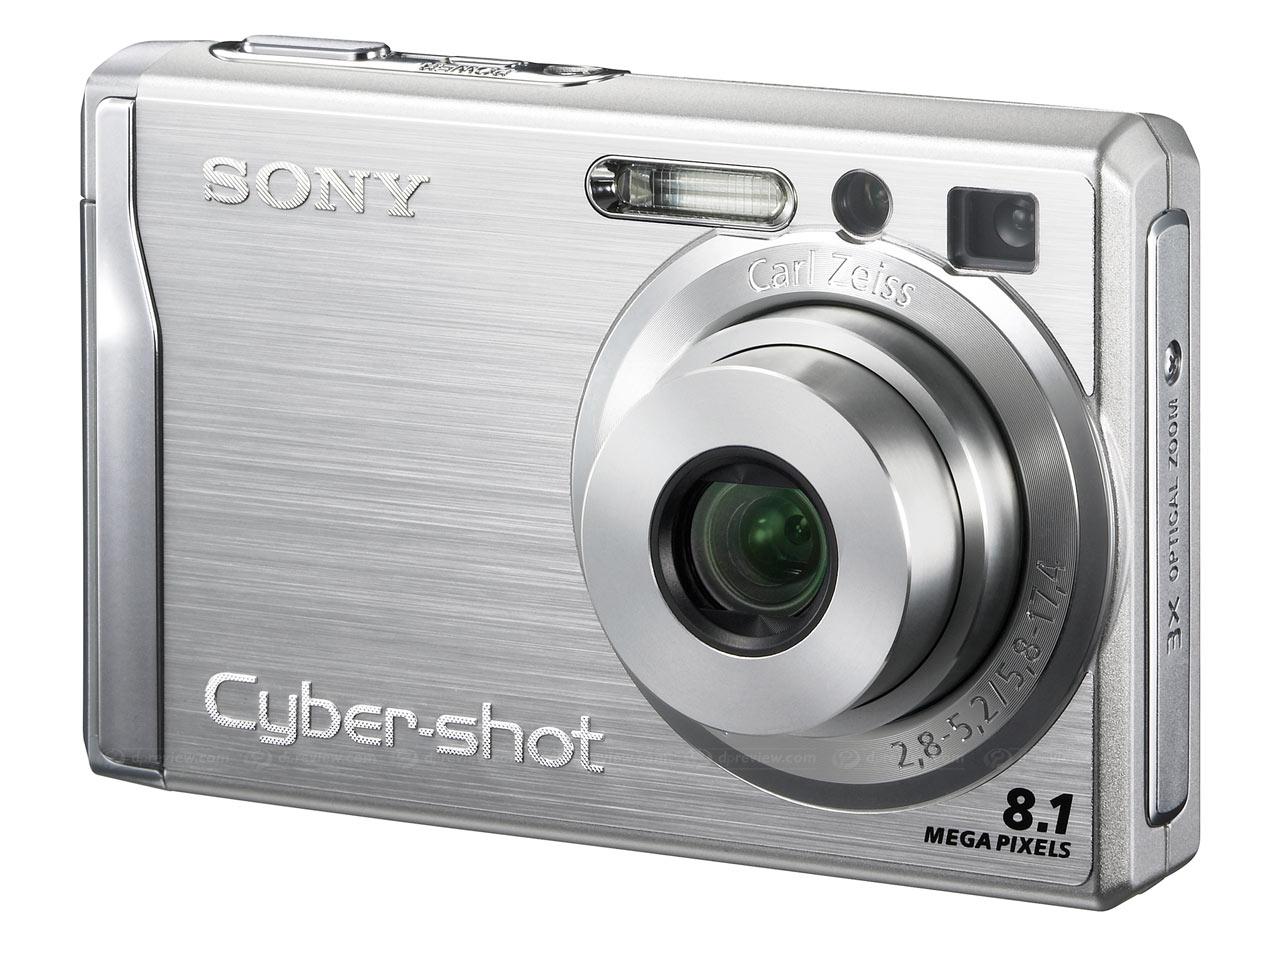 sony cyber shot dsc w200 dsc w90 and dsc w80 digital photography rh dpreview com Sony Cyber-shot DSC- RX100 Sony Cyber-shot Battery